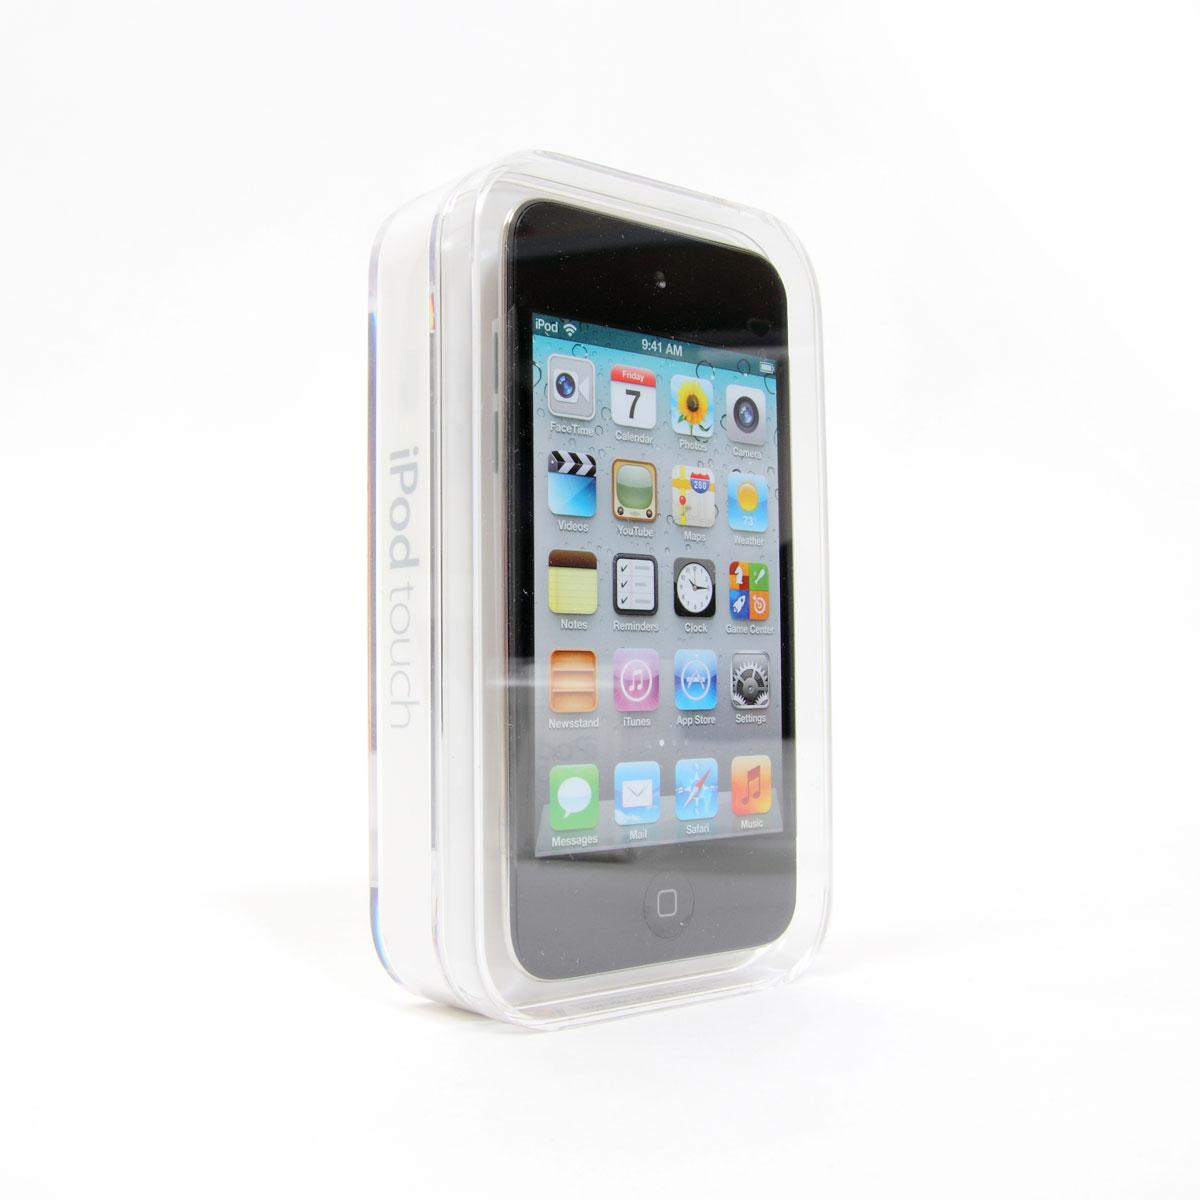 apple ipod touch noir 16 go me178nf a achat vente lecteur mp3 ipod sur. Black Bedroom Furniture Sets. Home Design Ideas